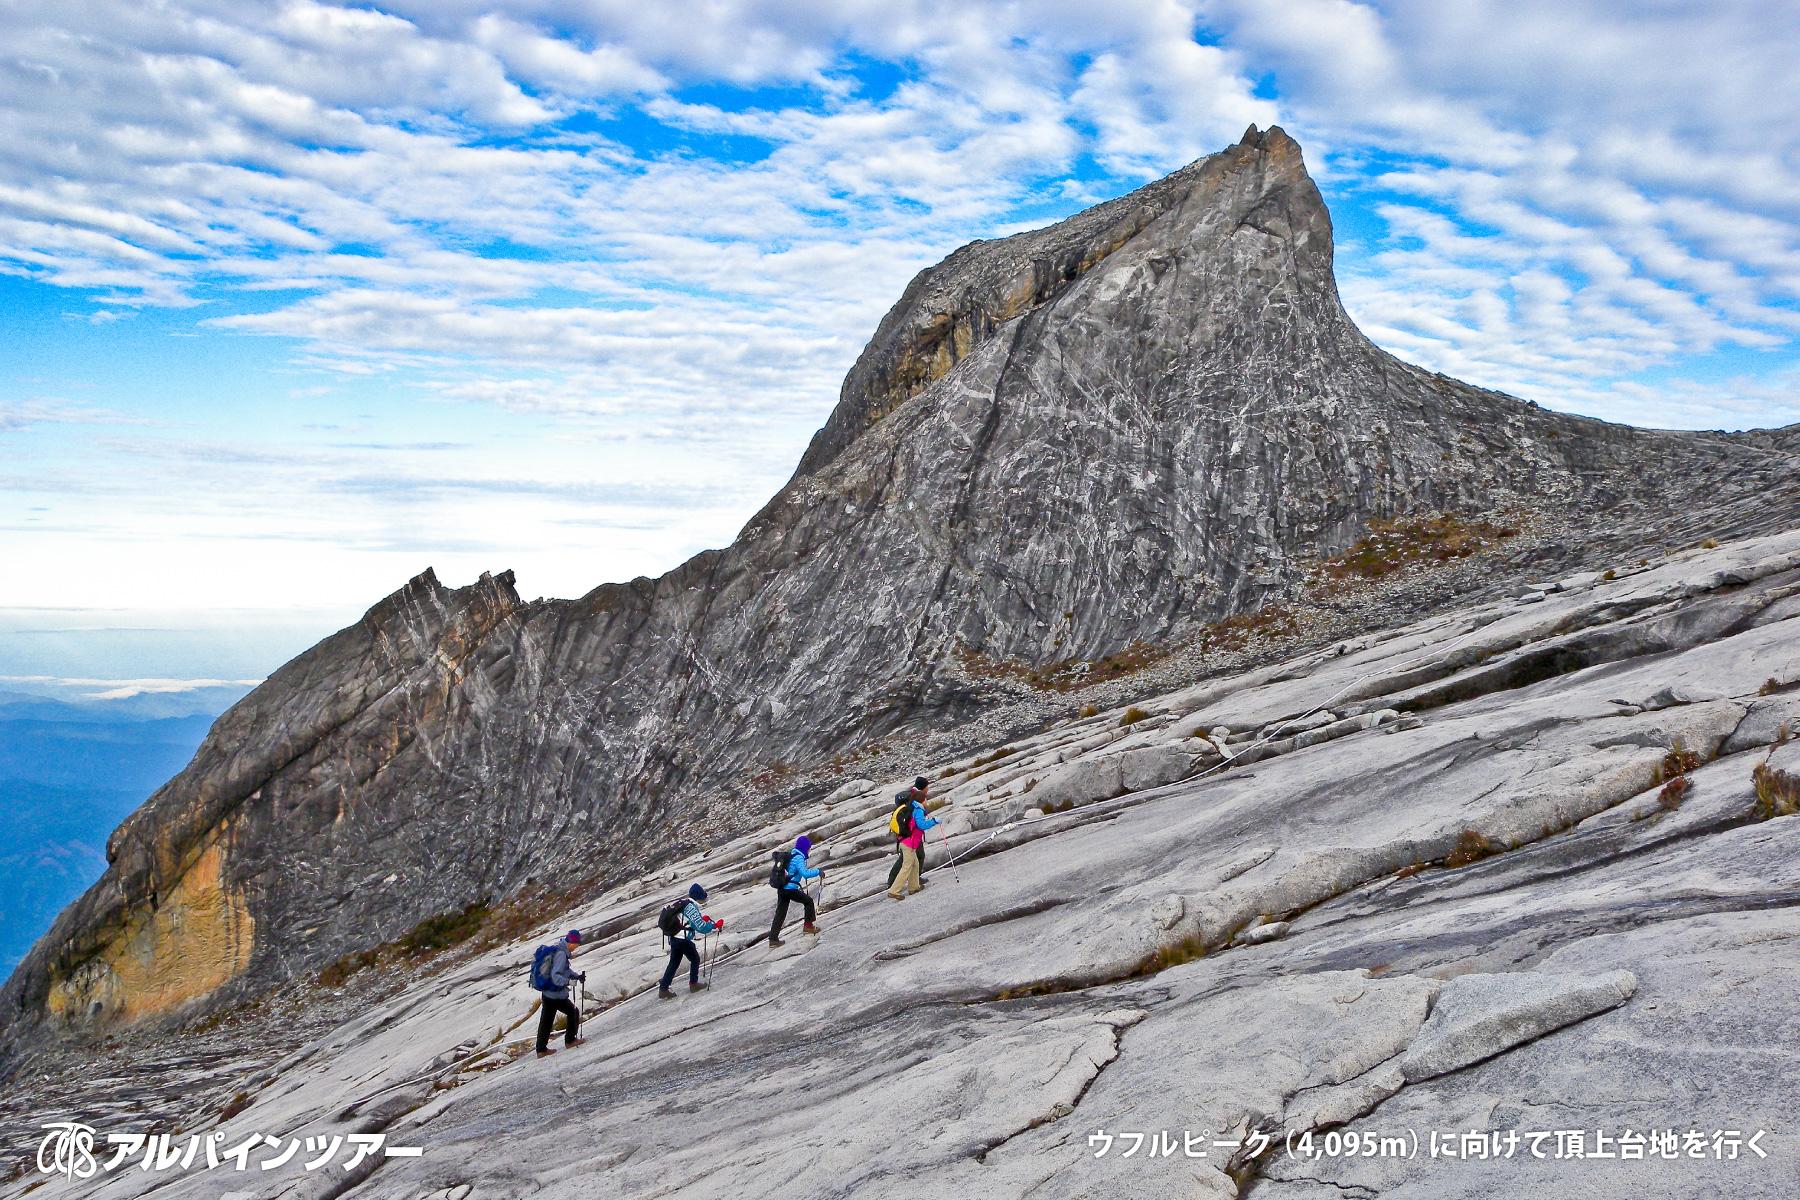 【エリア紹介】 マレーシア最高峰Mt.キナバル